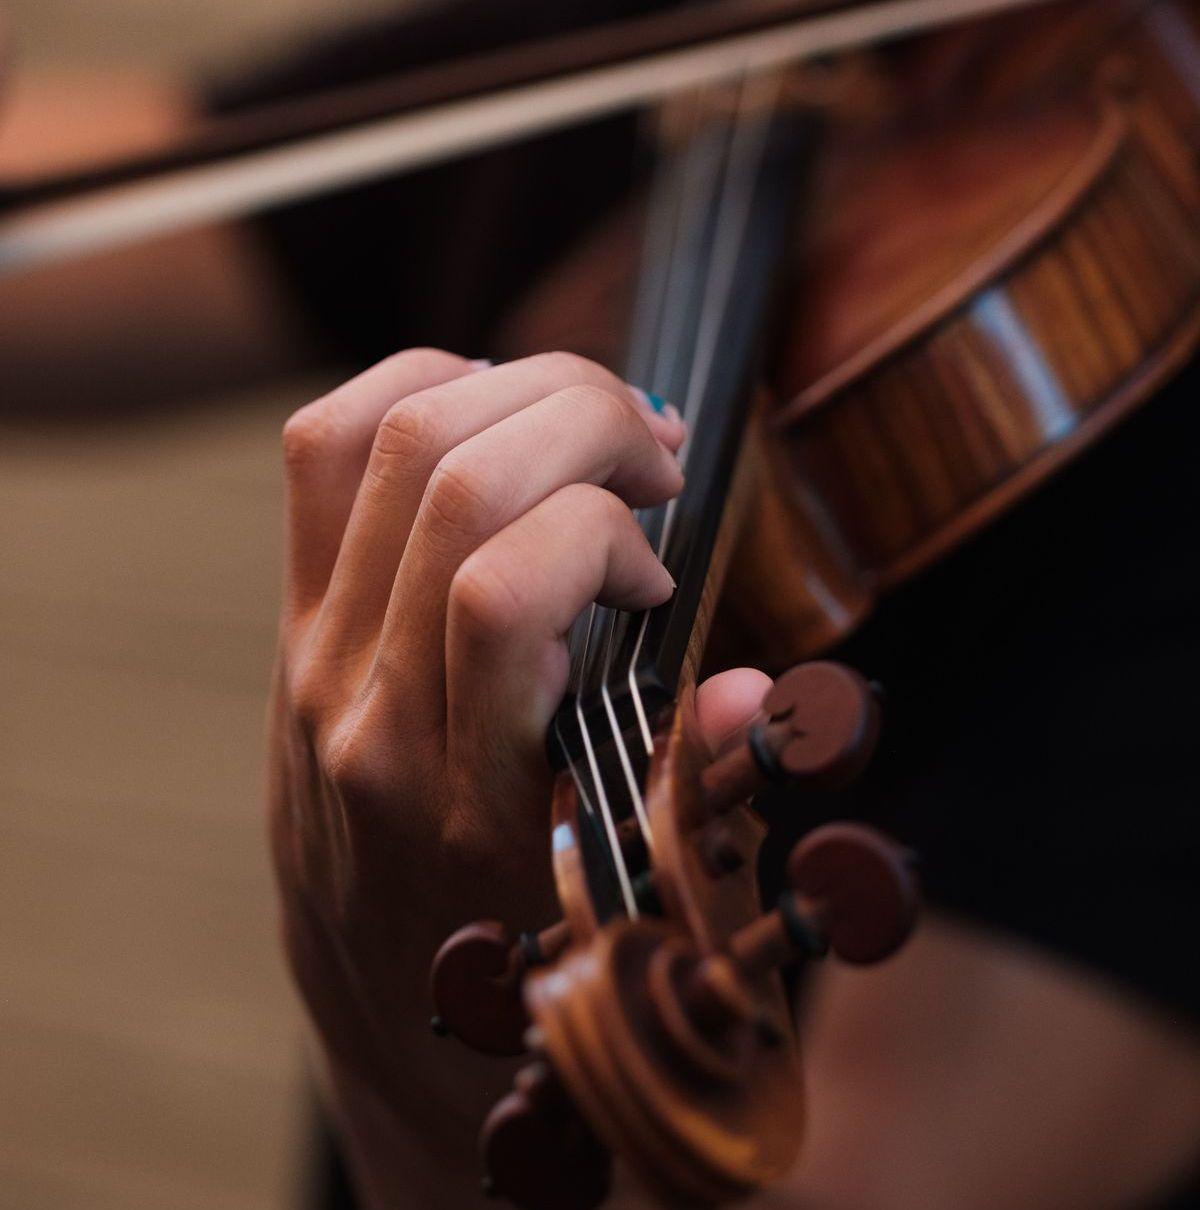 Für Künstler wie Cellistin Hannah Chang oder Geigenspieler Chao Bin sind die Instrumente unentbehrlich.